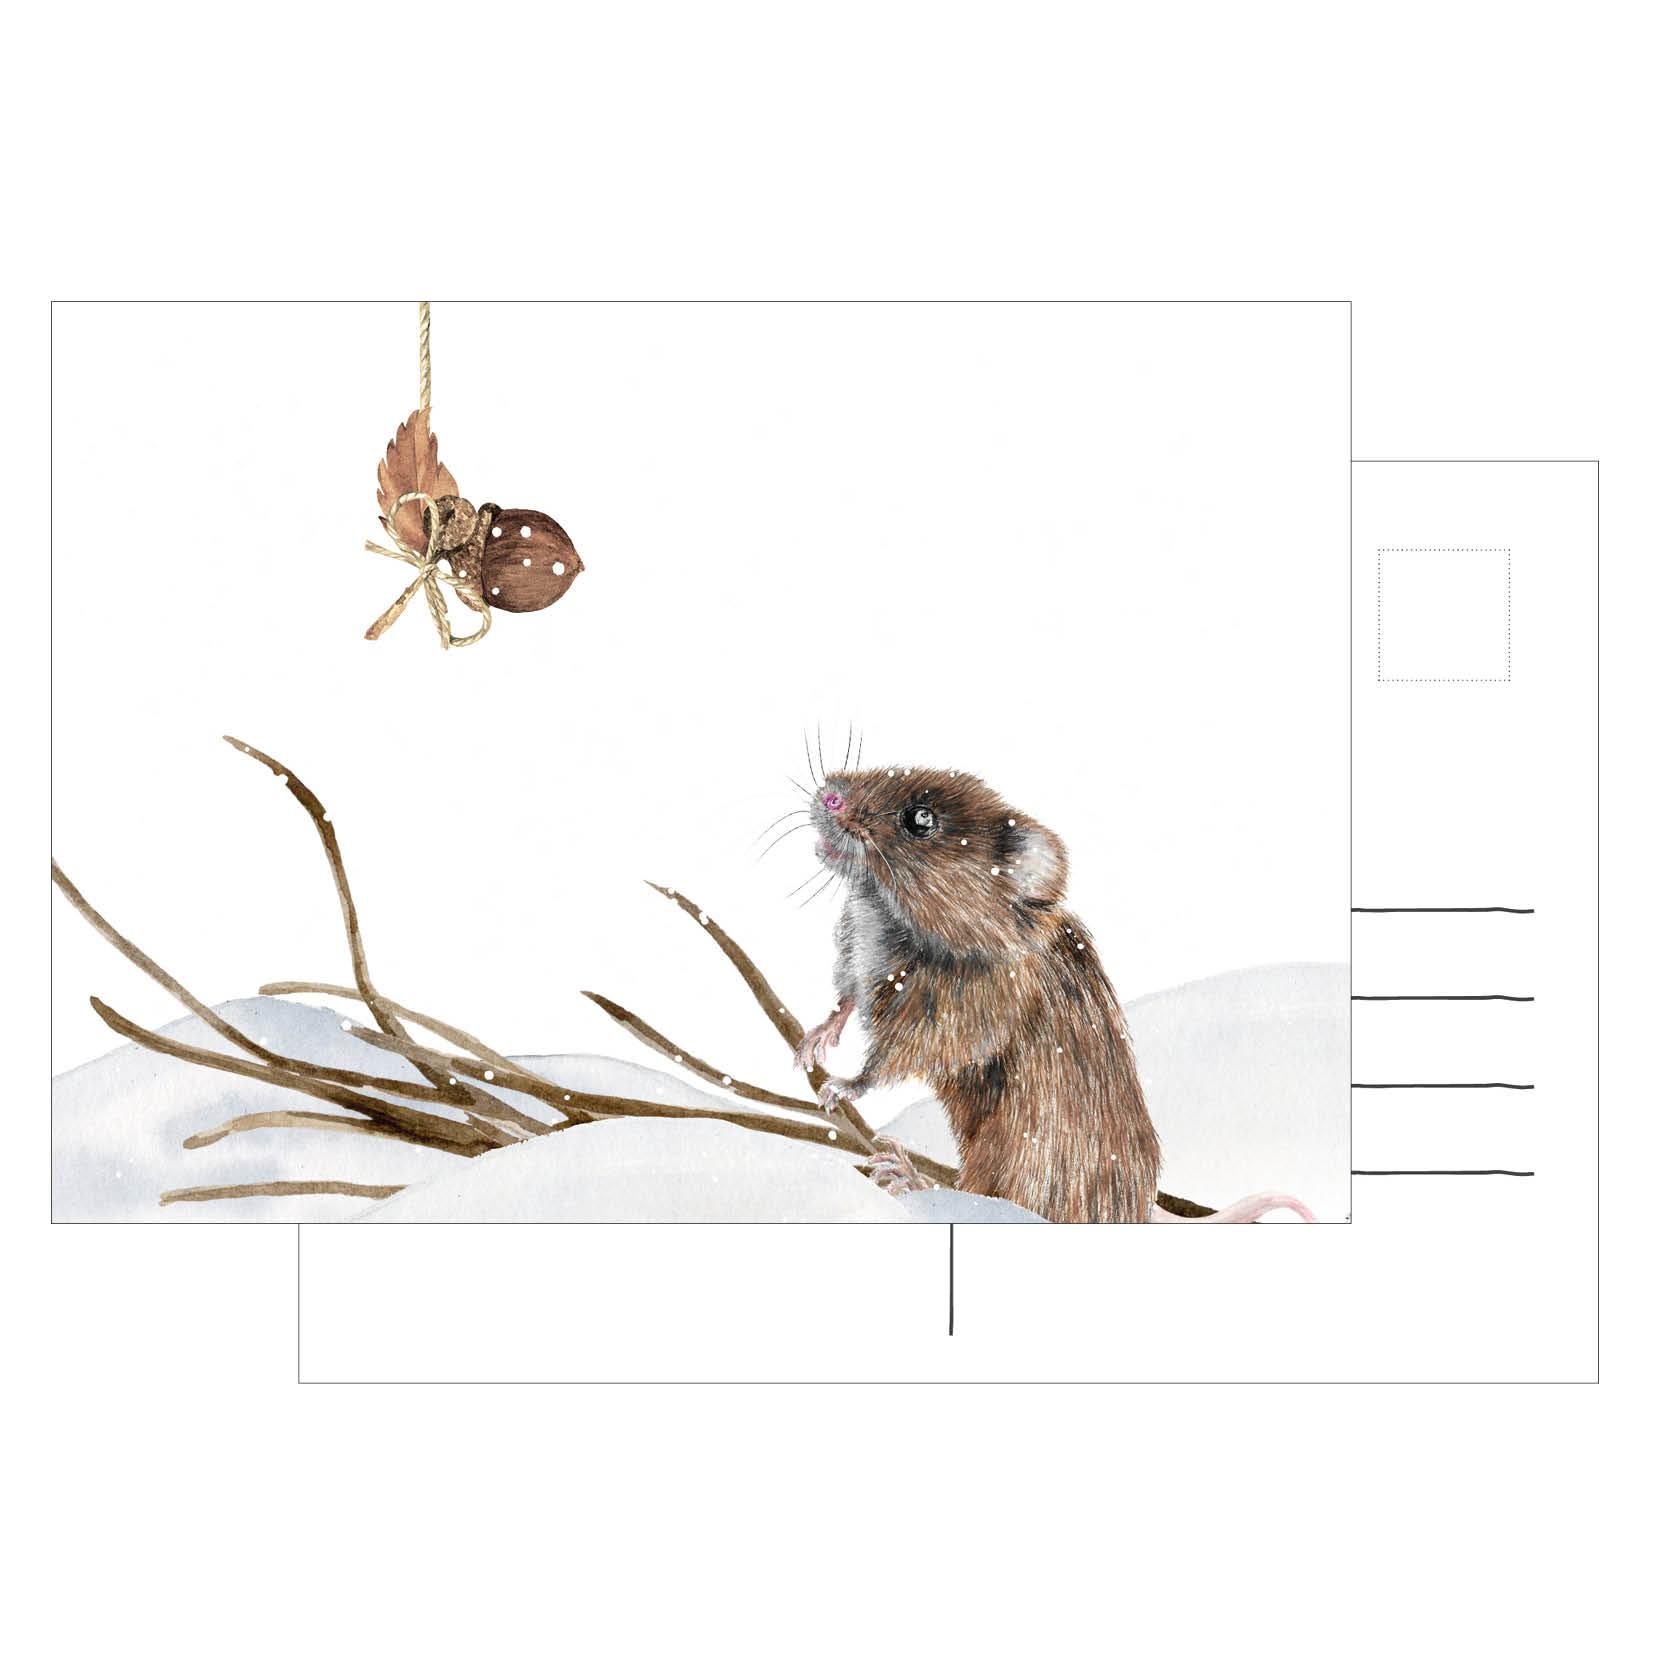 Weihnachtsgrüße Postkarte.Postkarte Weihnachten Maus Weihnachtsgrüße